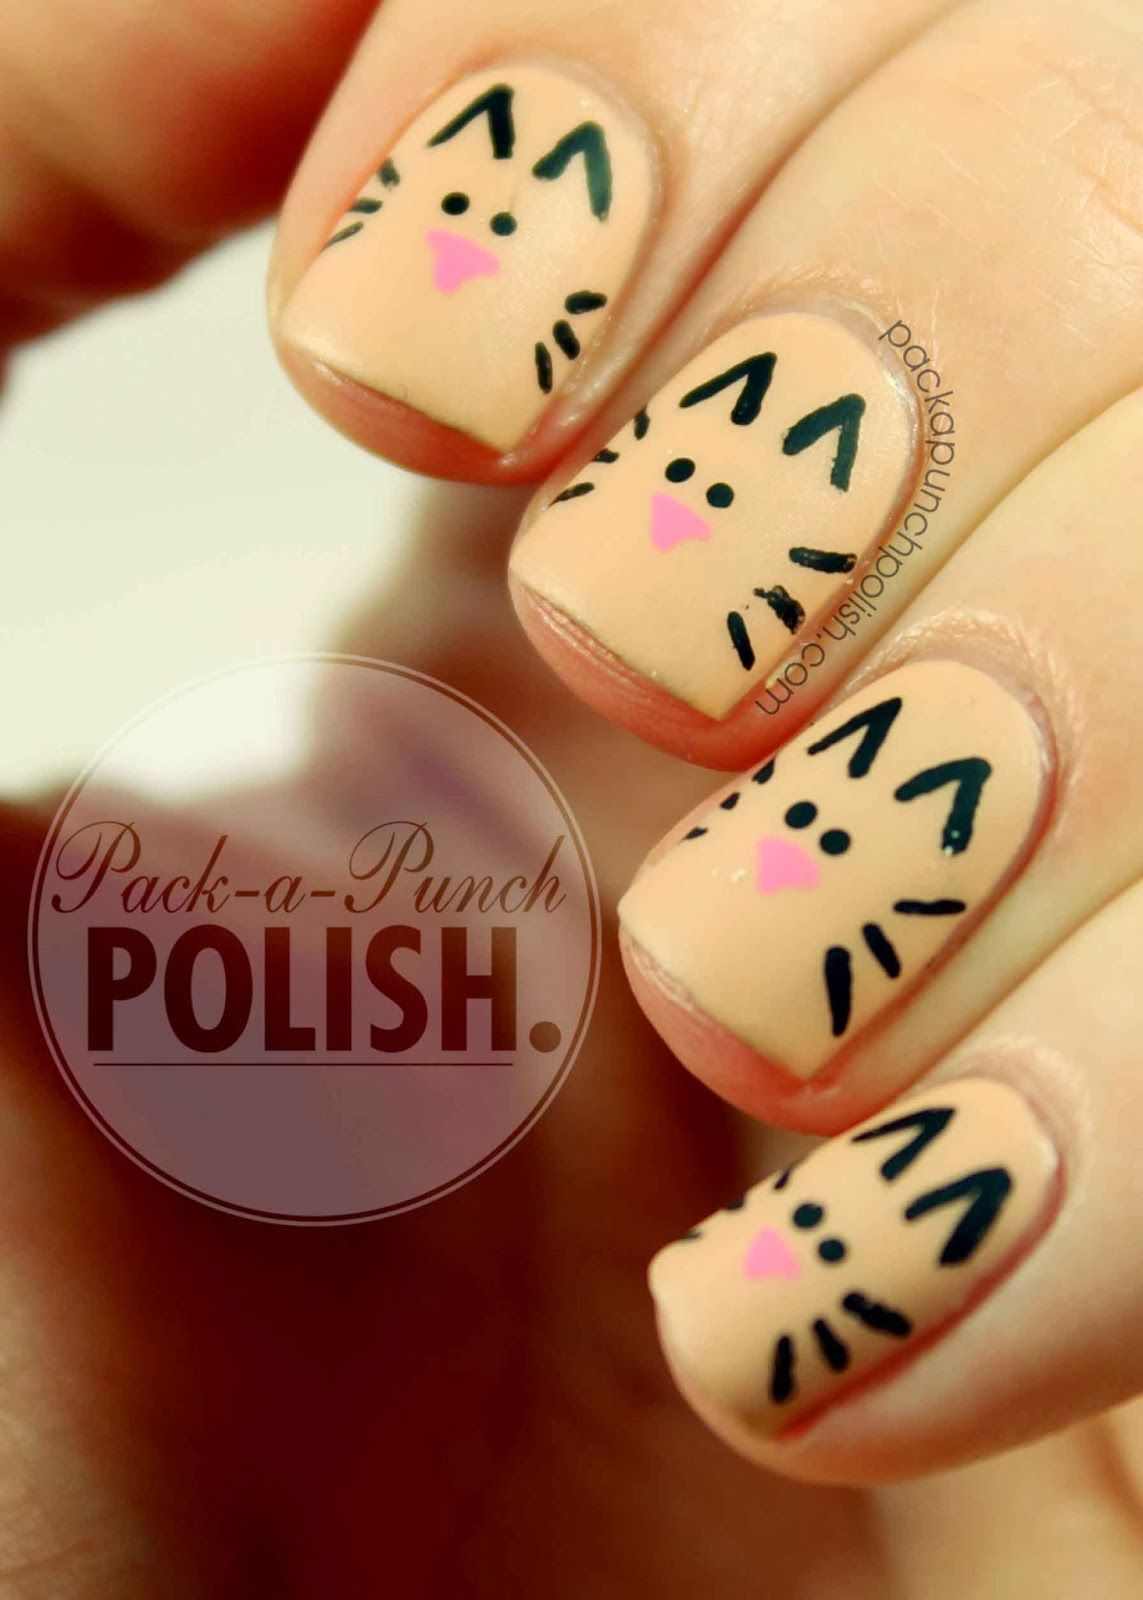 Packapunchpolish Simple And Cute Cat Nail Art Tutorial